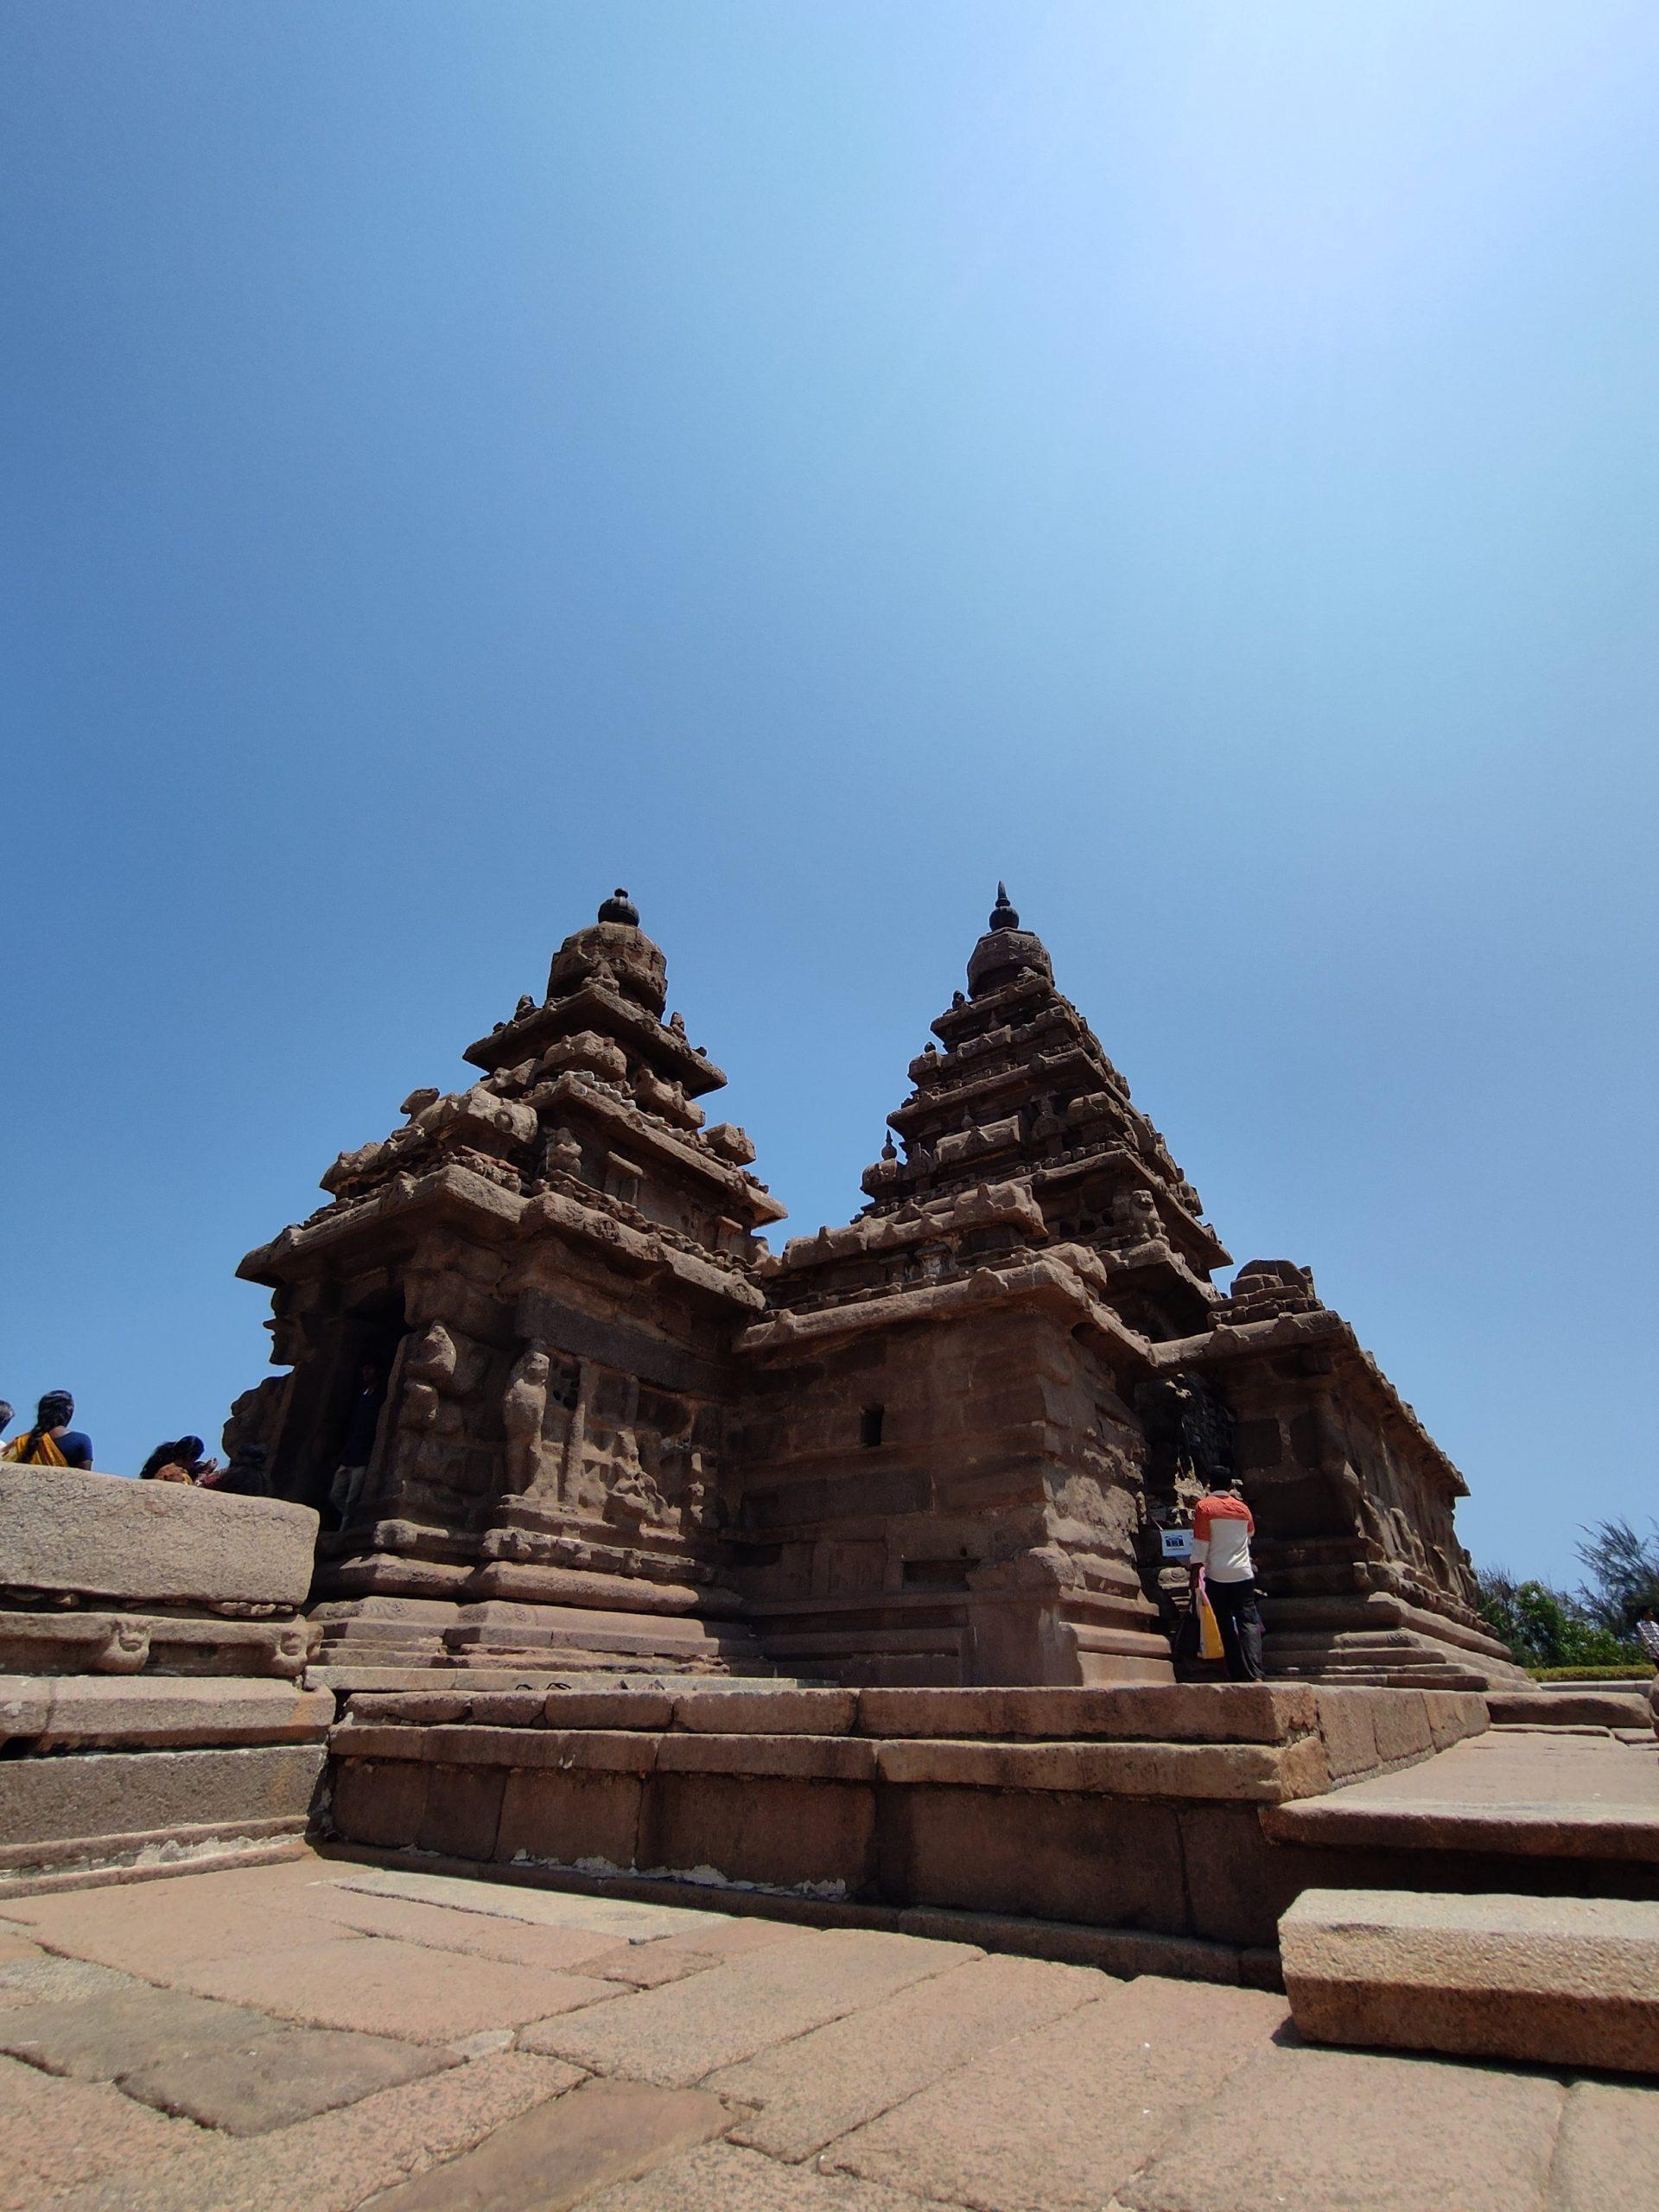 Shore Temple Mahabalipuram Chennai